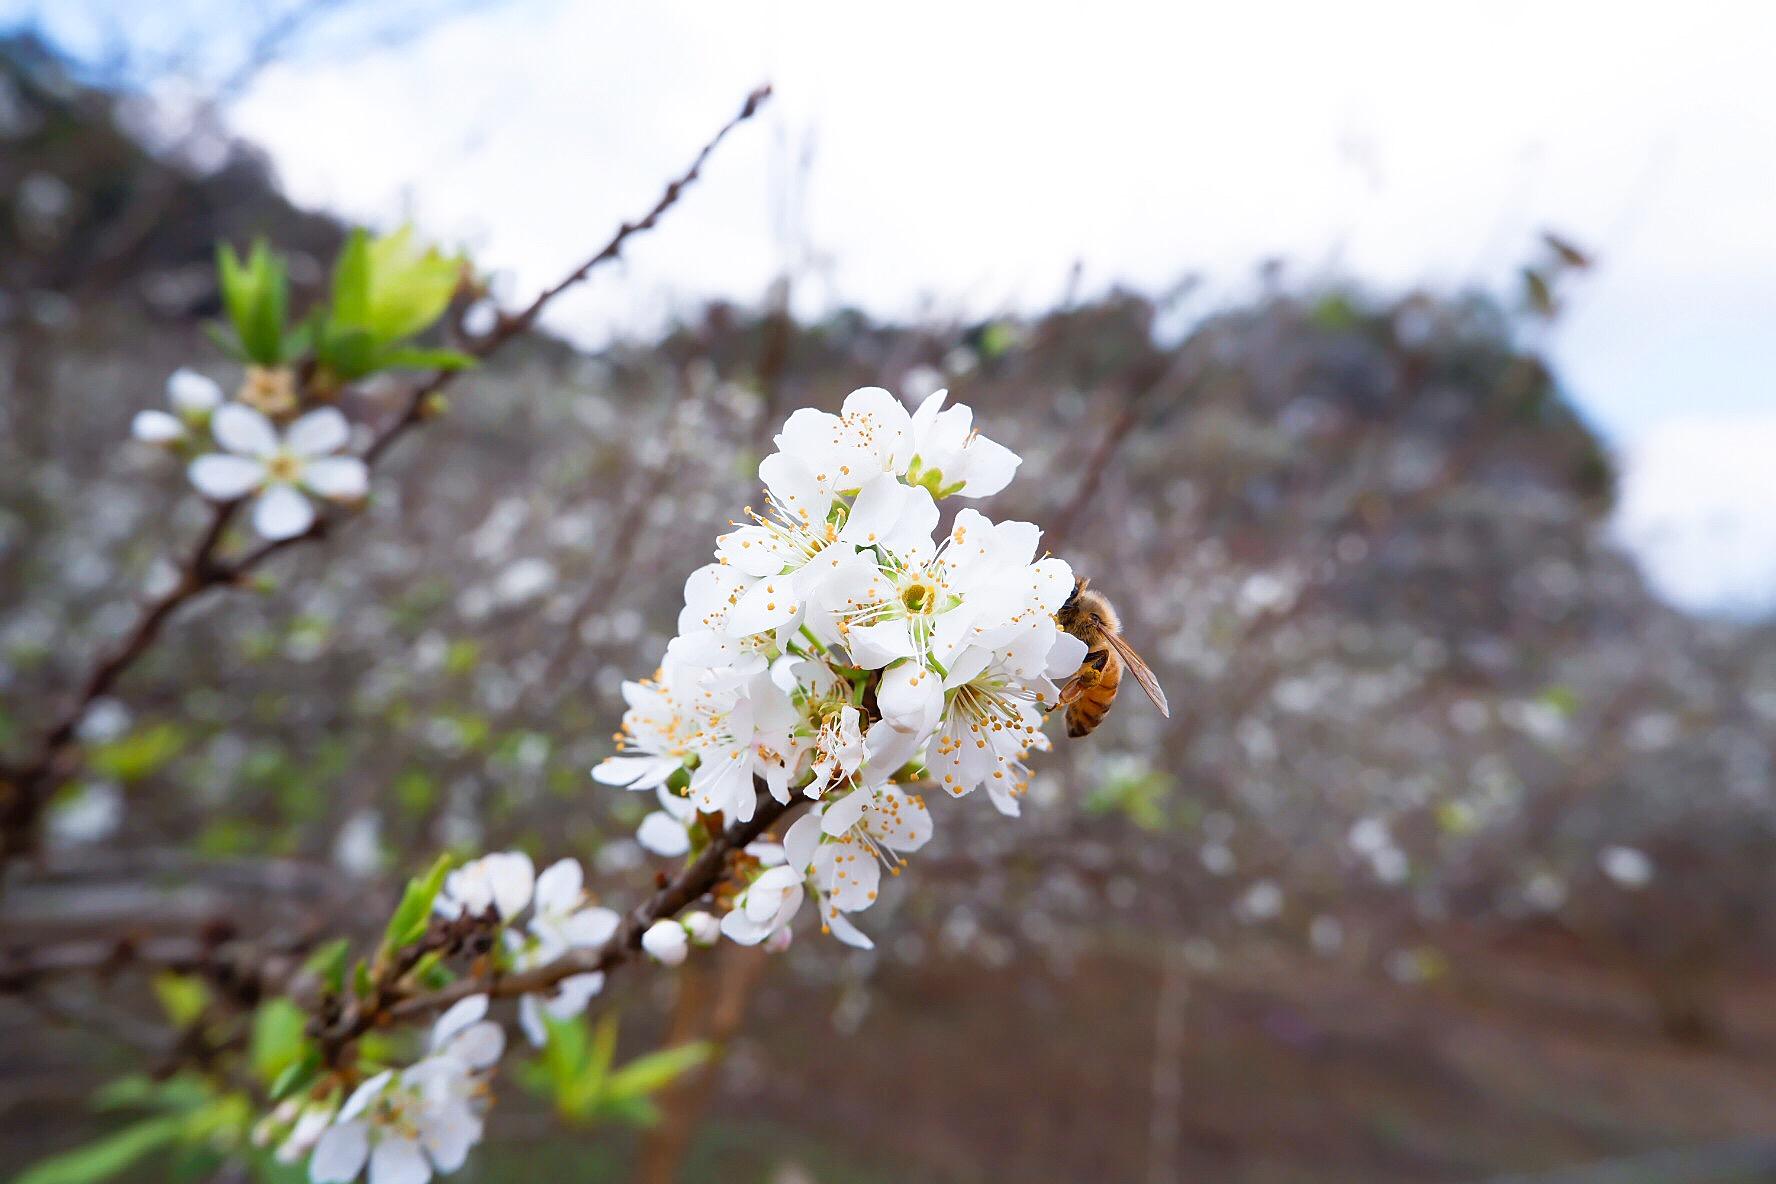 Hoa mận trắng là điểm thu hút khách du lịch đến với Mộc Châu mỗi khi xuân về